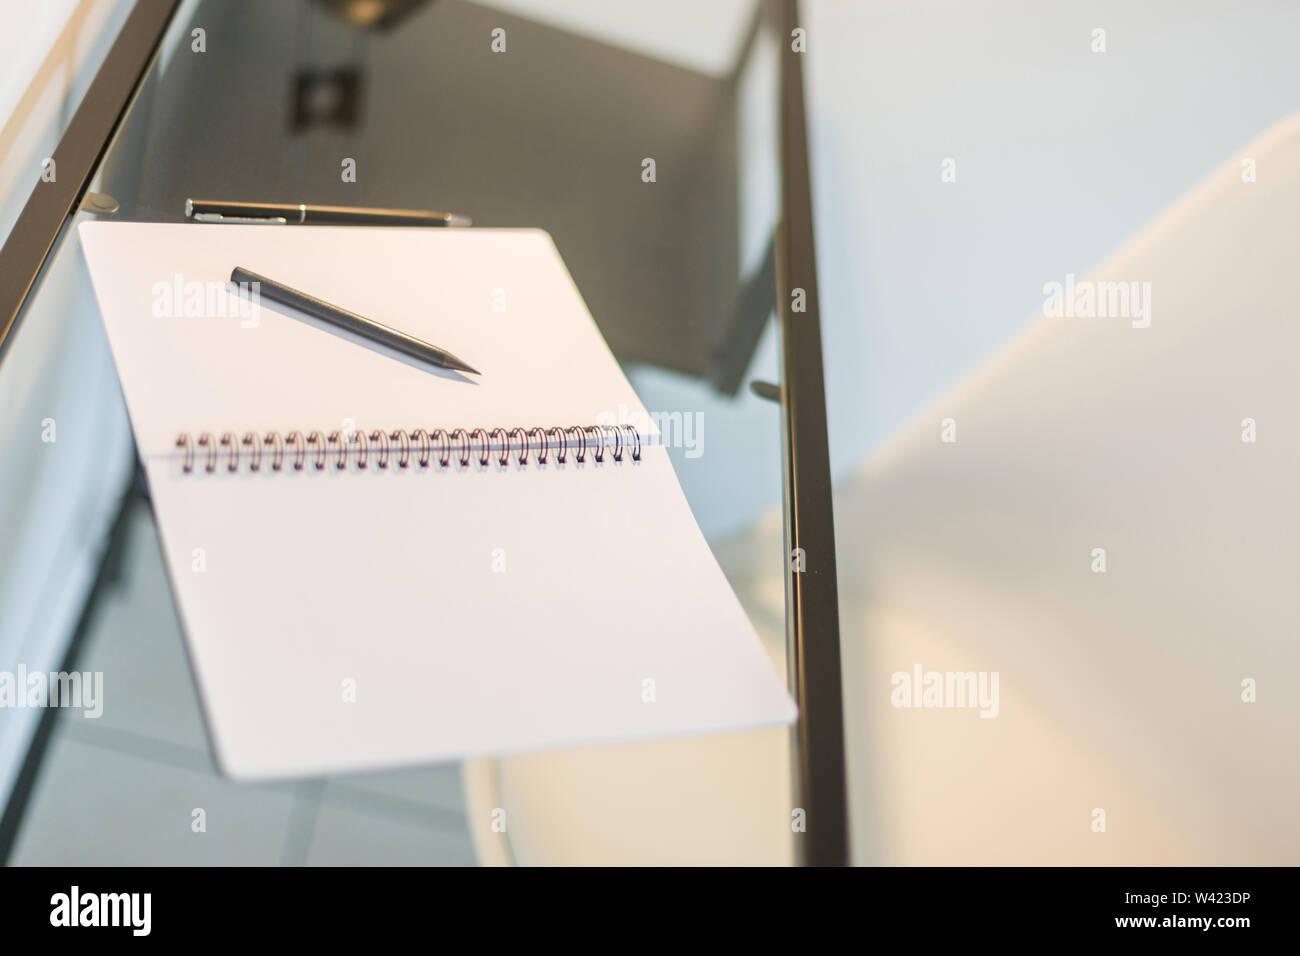 Vista inclinata di un notebook, matita e una penna mantenuta su un tavolo in vetro con cornice in ferro battuto Immagini Stock